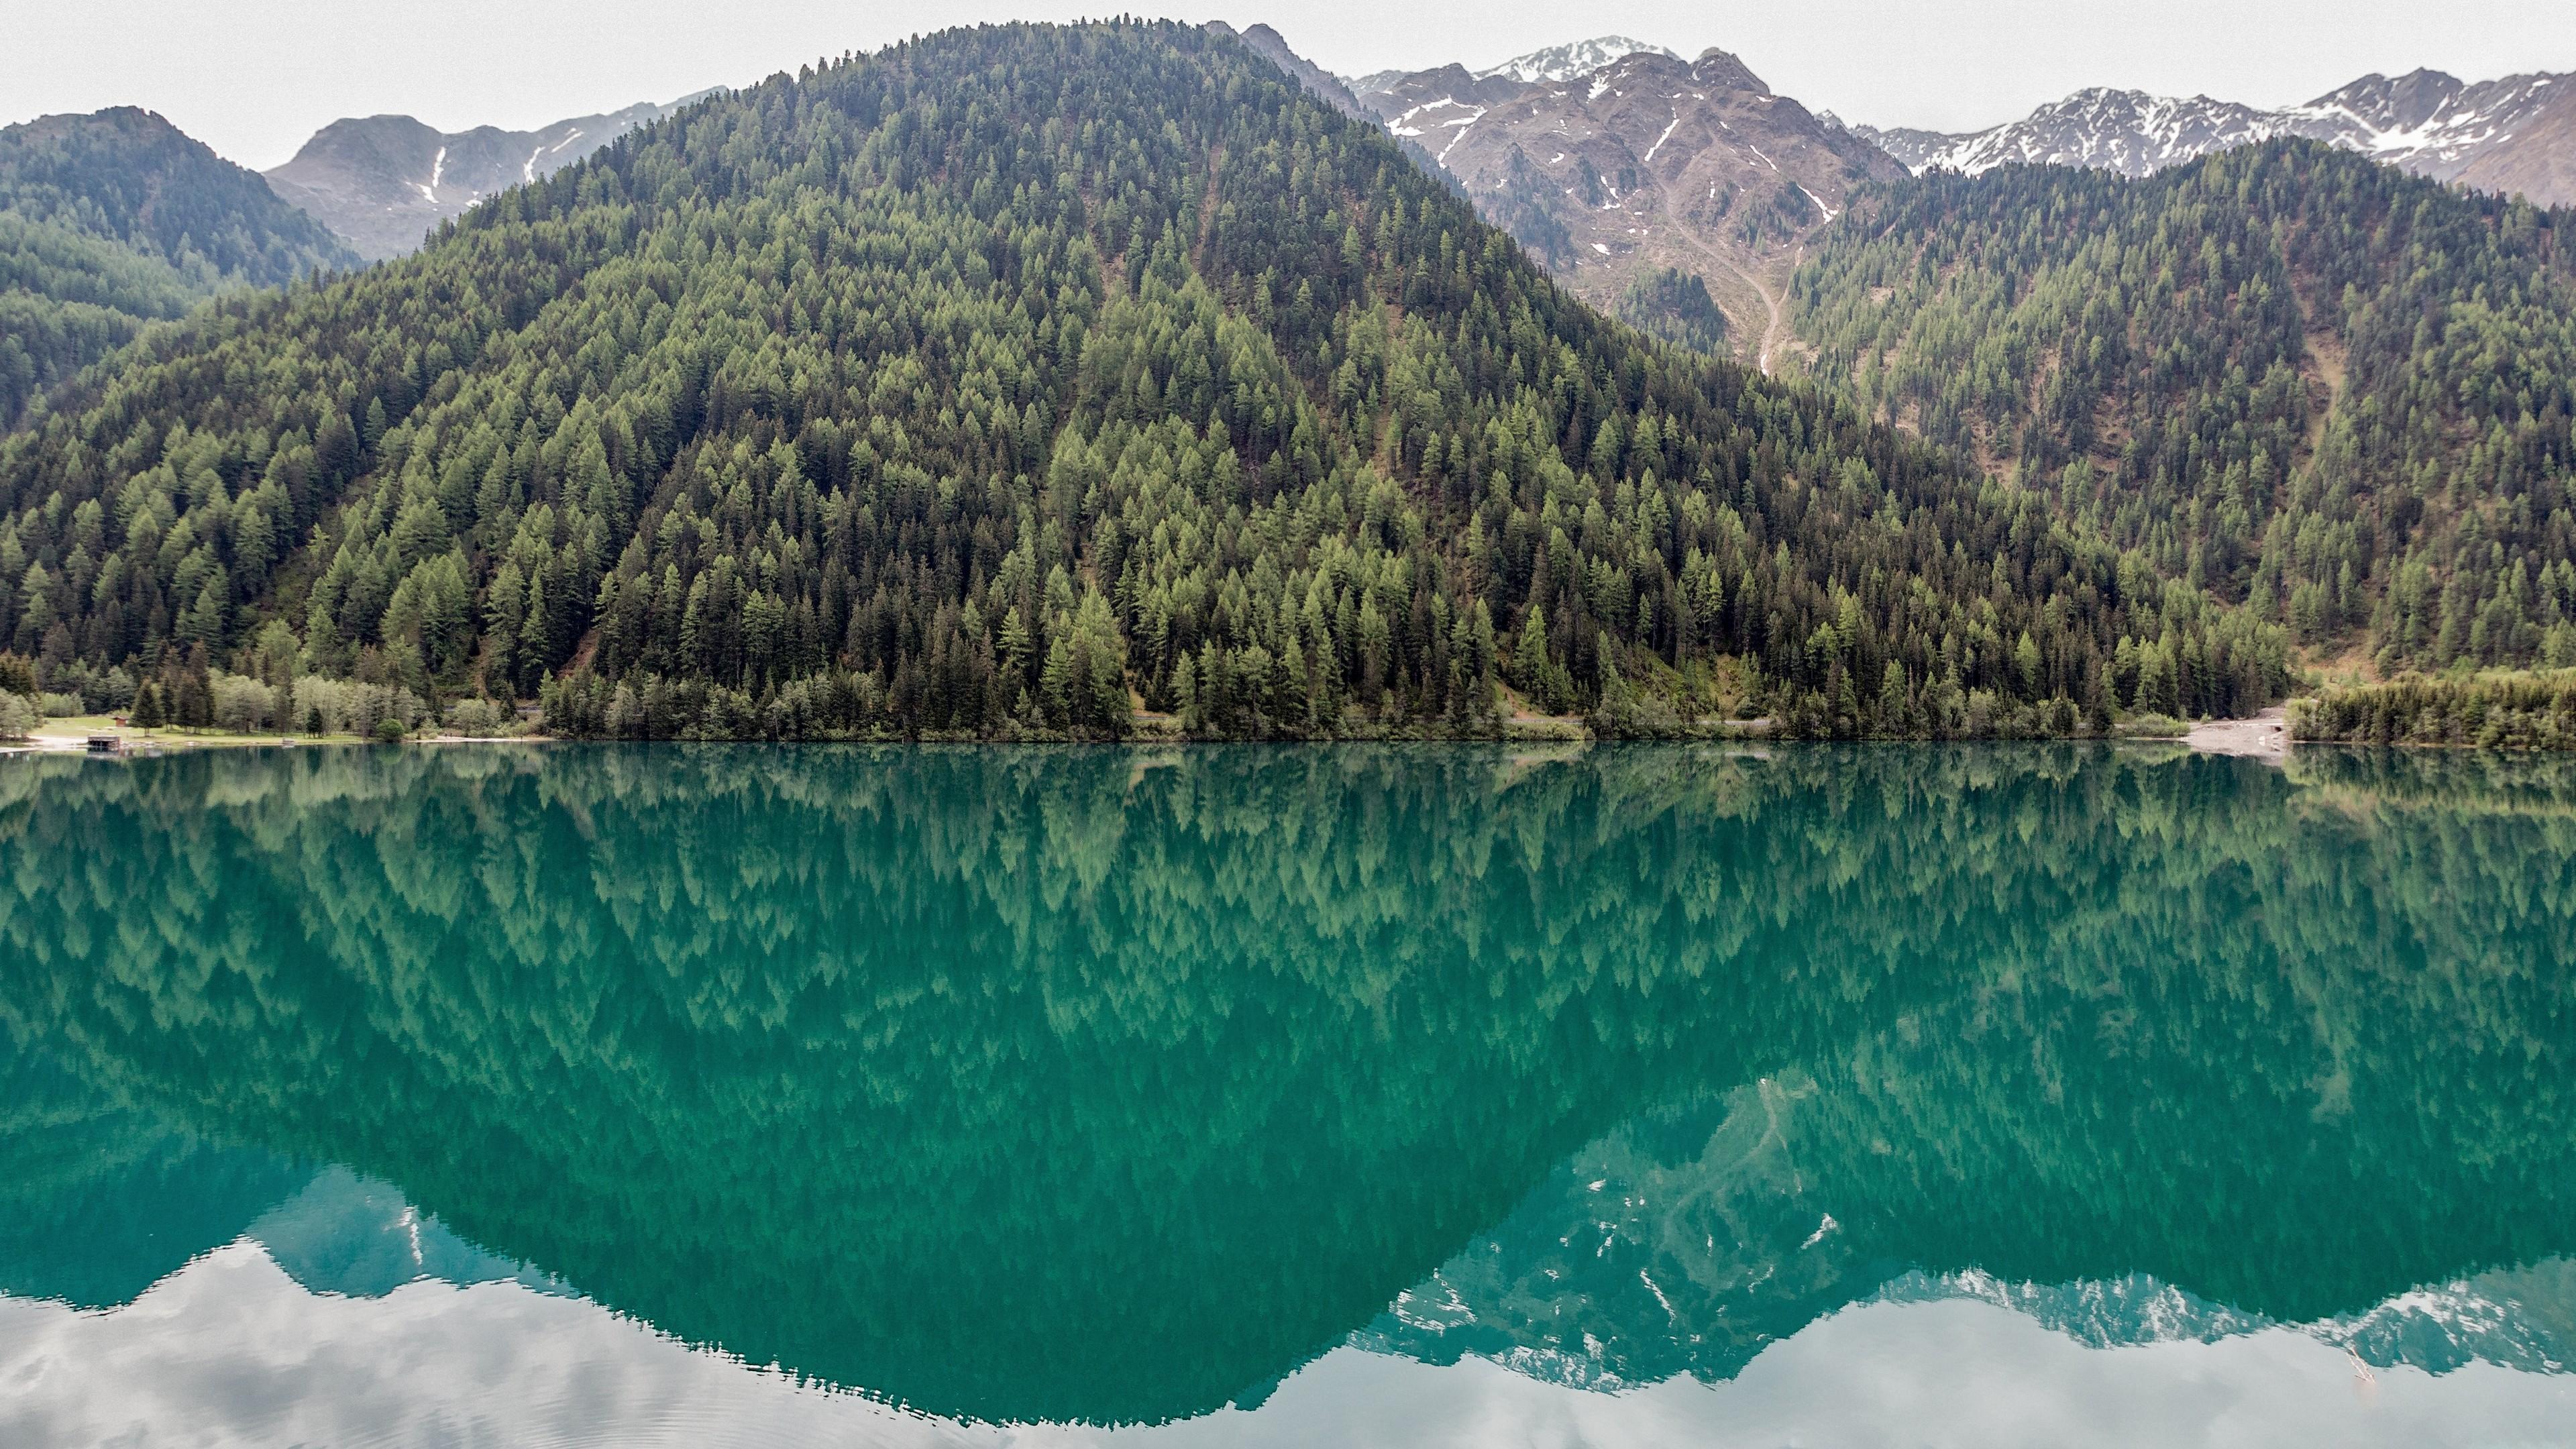 Green lake mountain reflection wallpaper